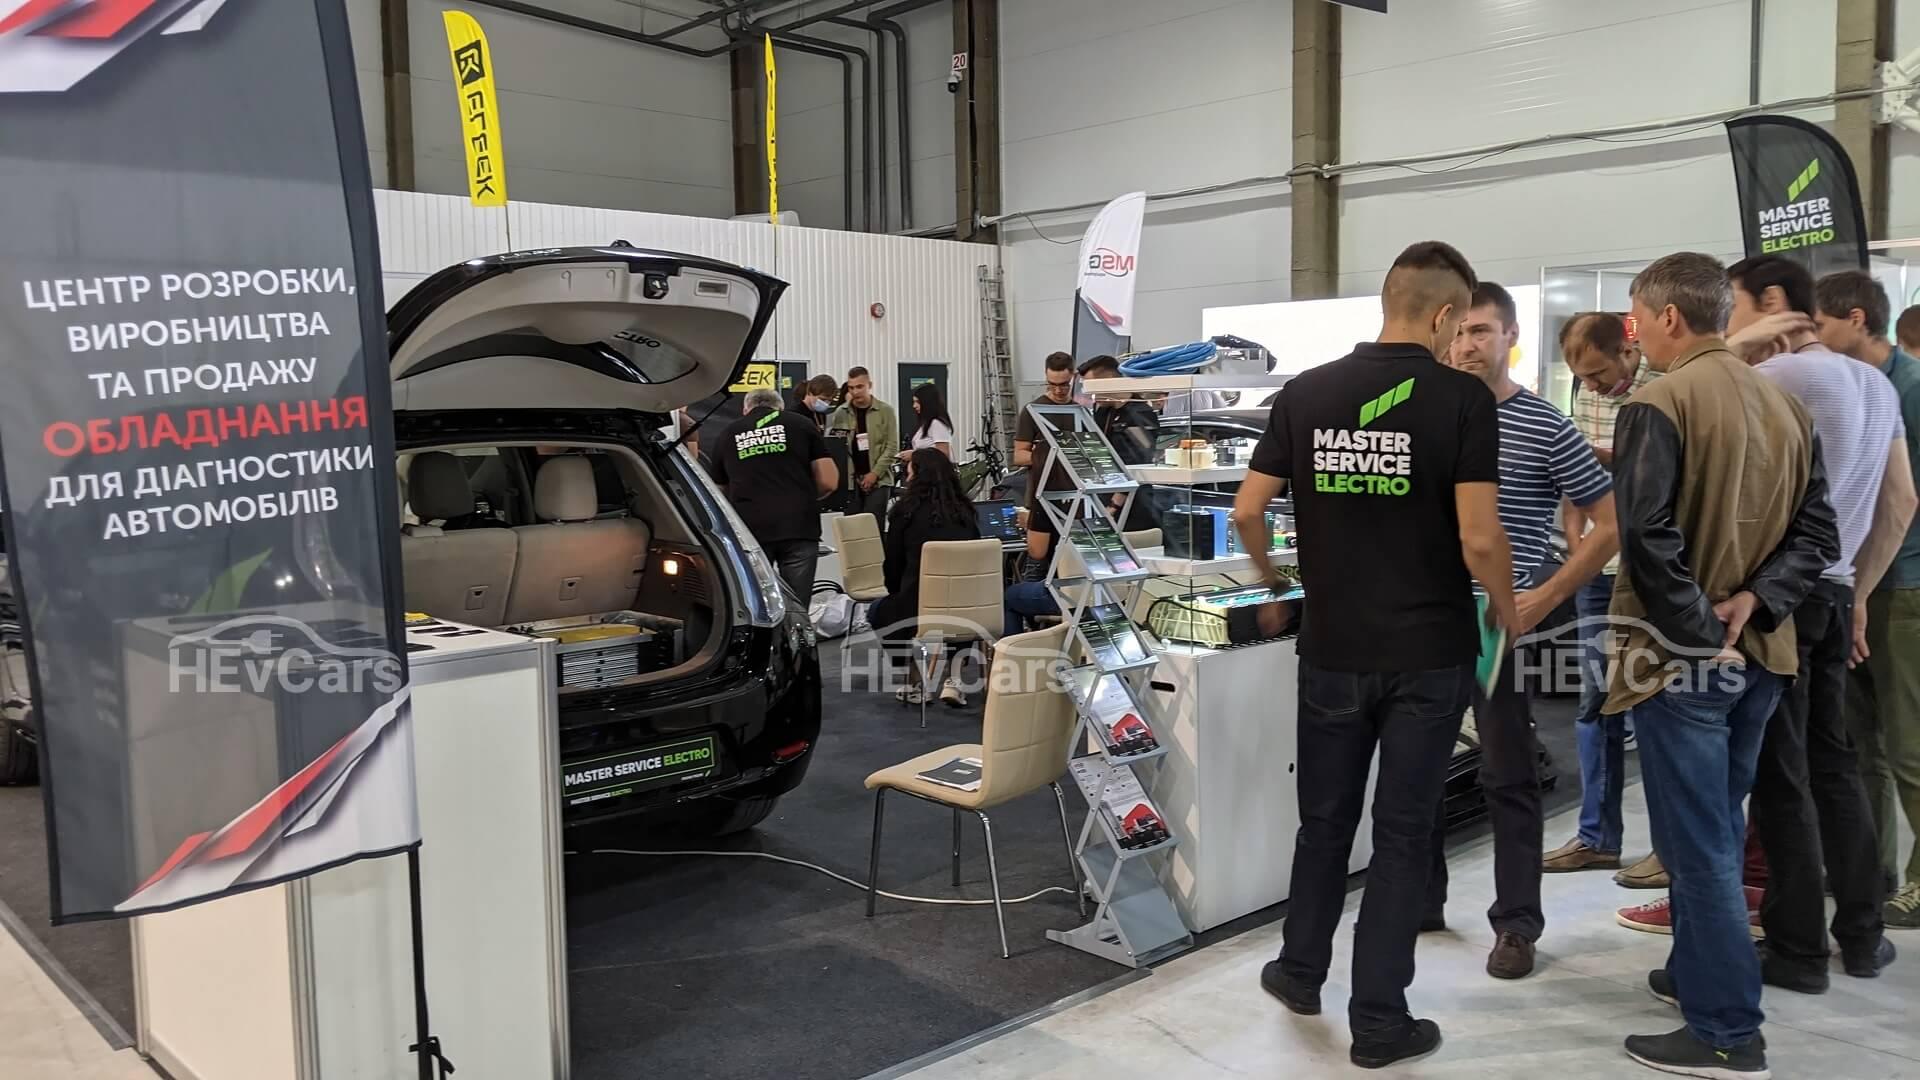 Компания Master Service Electro показала на выставке свои вариации модернизации батарей электромобилей